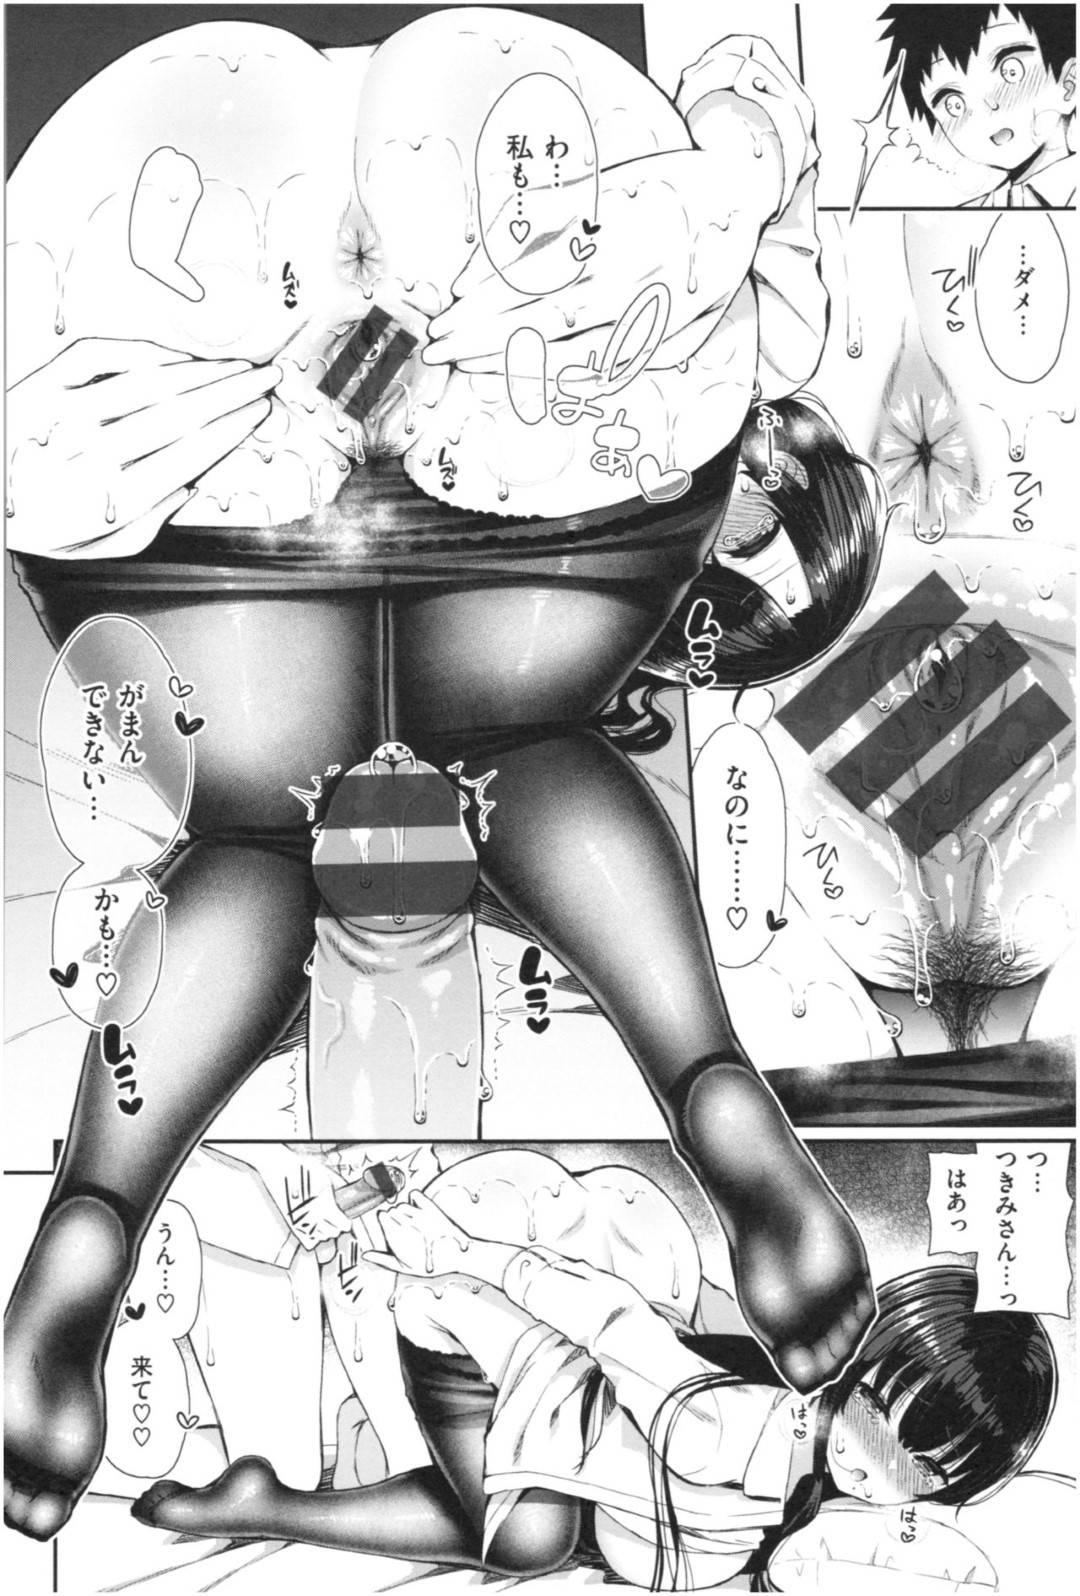 【エロ漫画】着替えを隣人の青年に覗かれている事に気づいた巨乳お姉さん…満更でもない彼女は彼にオナニーを見せびらかしたり、誘惑してはセックスを迫ったりする!【いづれ:隣のパンストお姉さん】